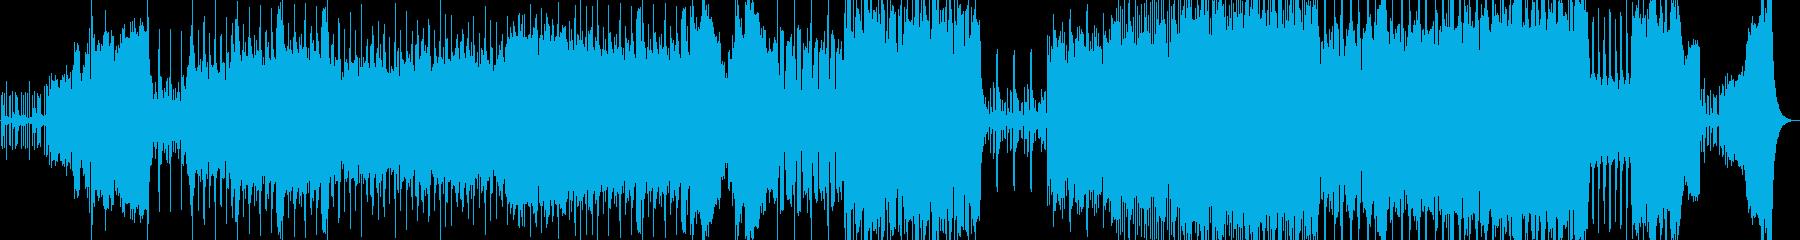 オーケストラ魔法森ハロウィンBGMRPGの再生済みの波形